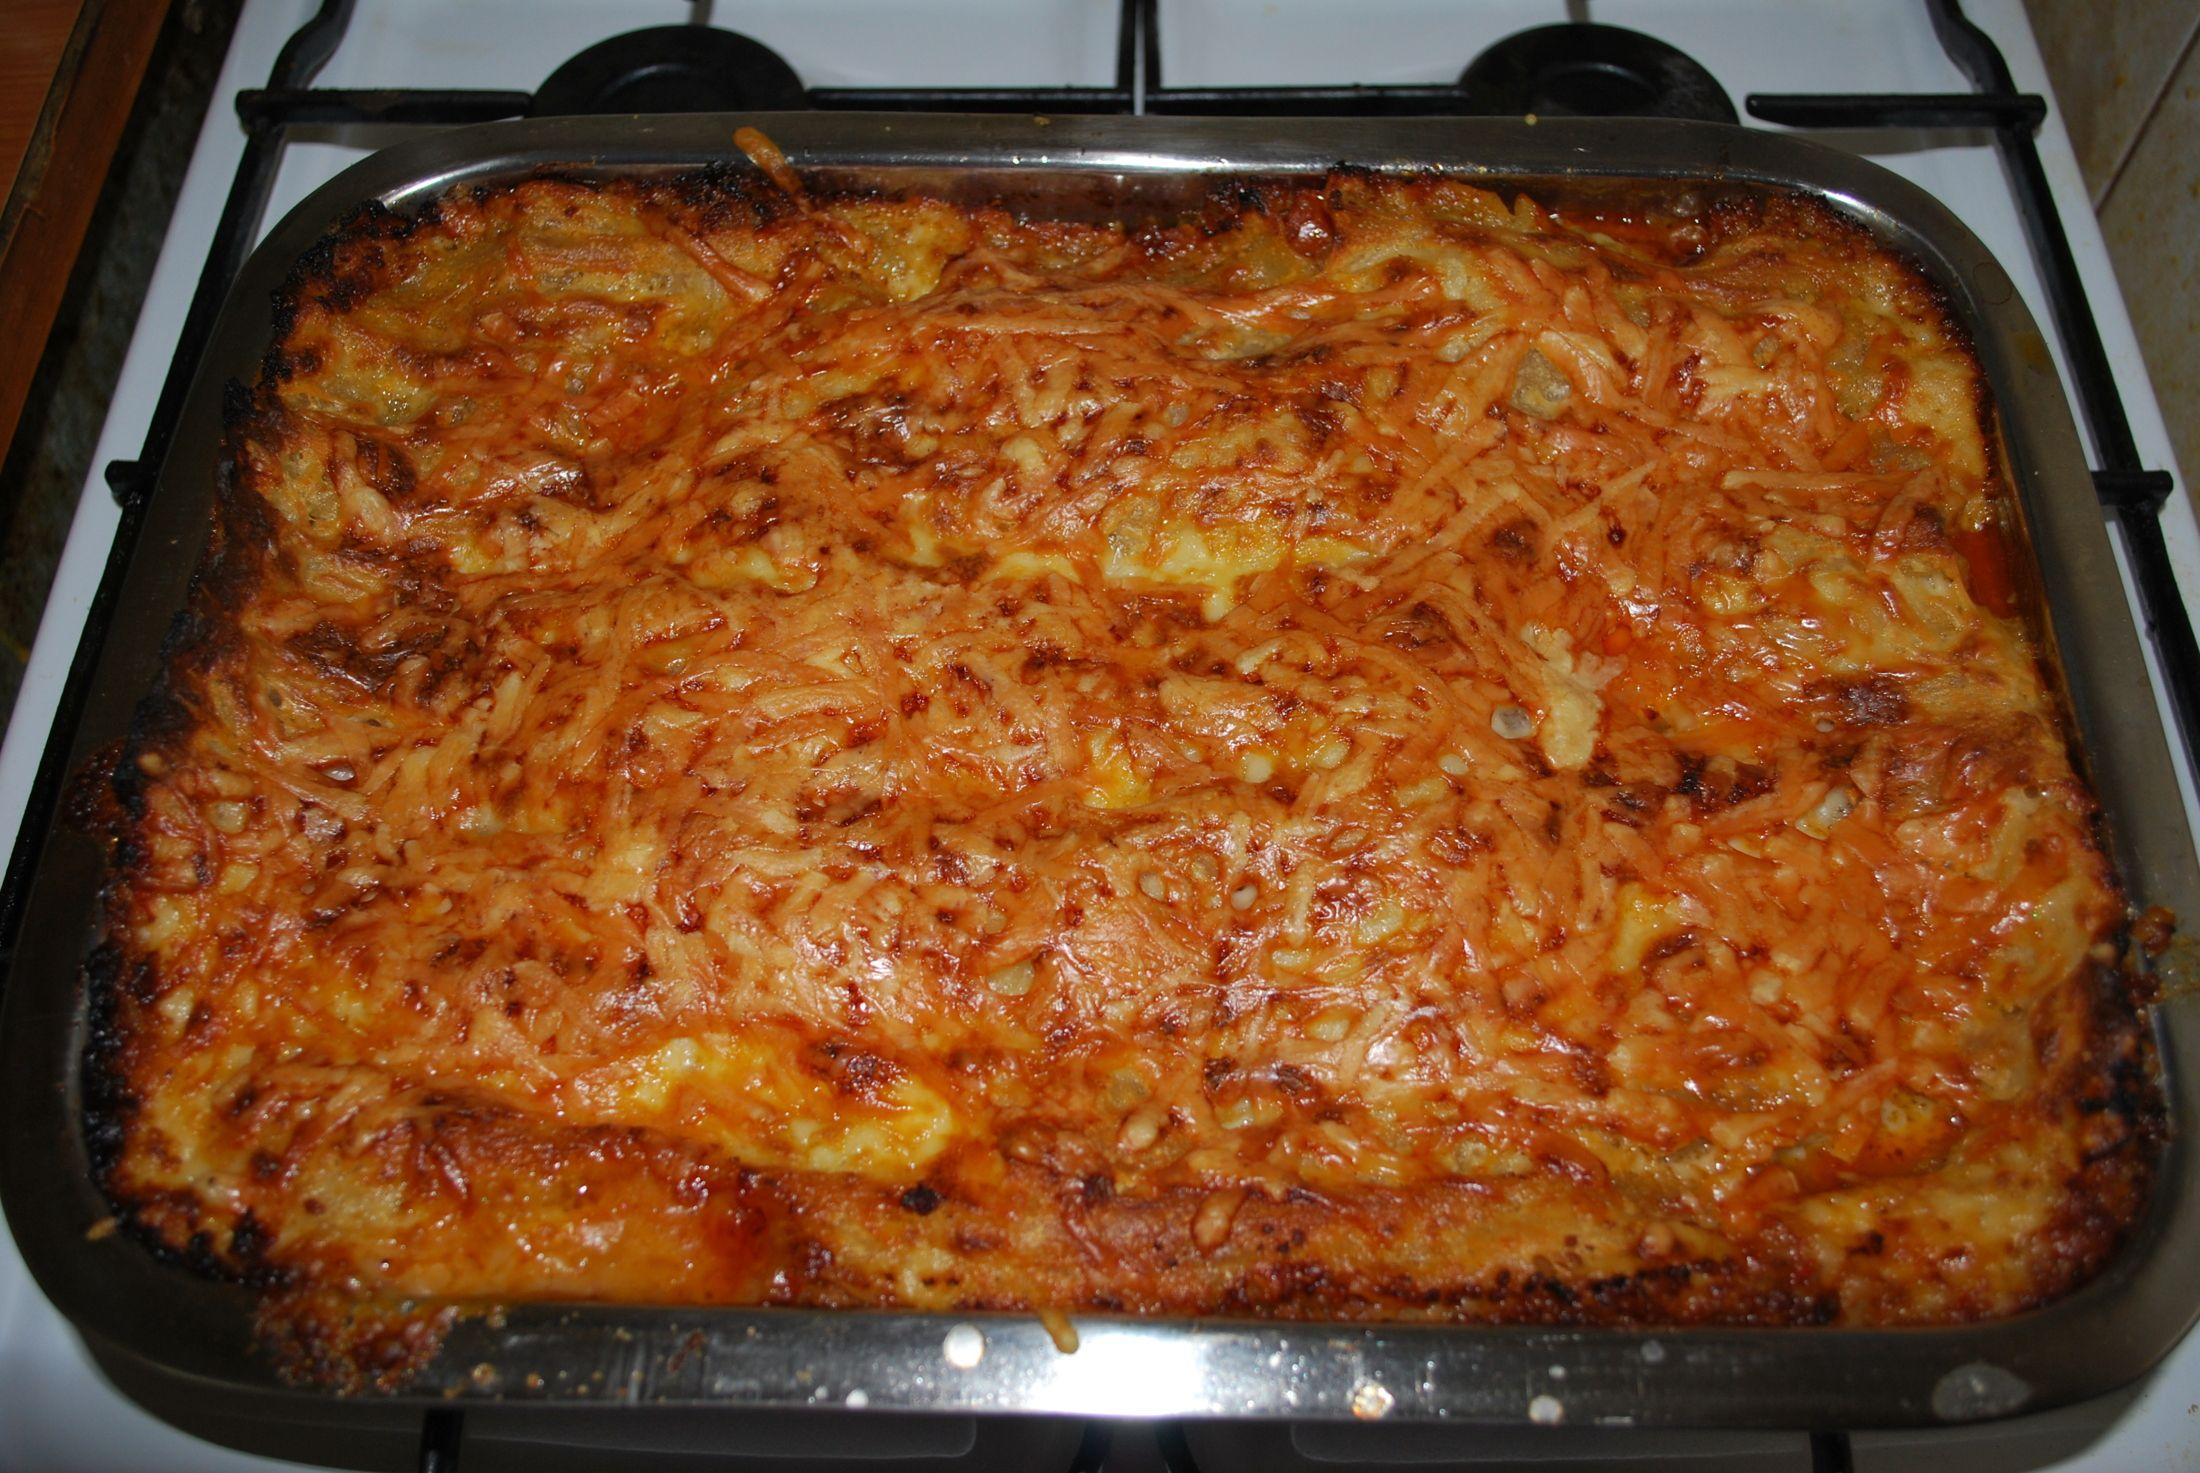 Recept Lasagne s boloňskou omáčkou - Lasagne s boloňskou omáčkou